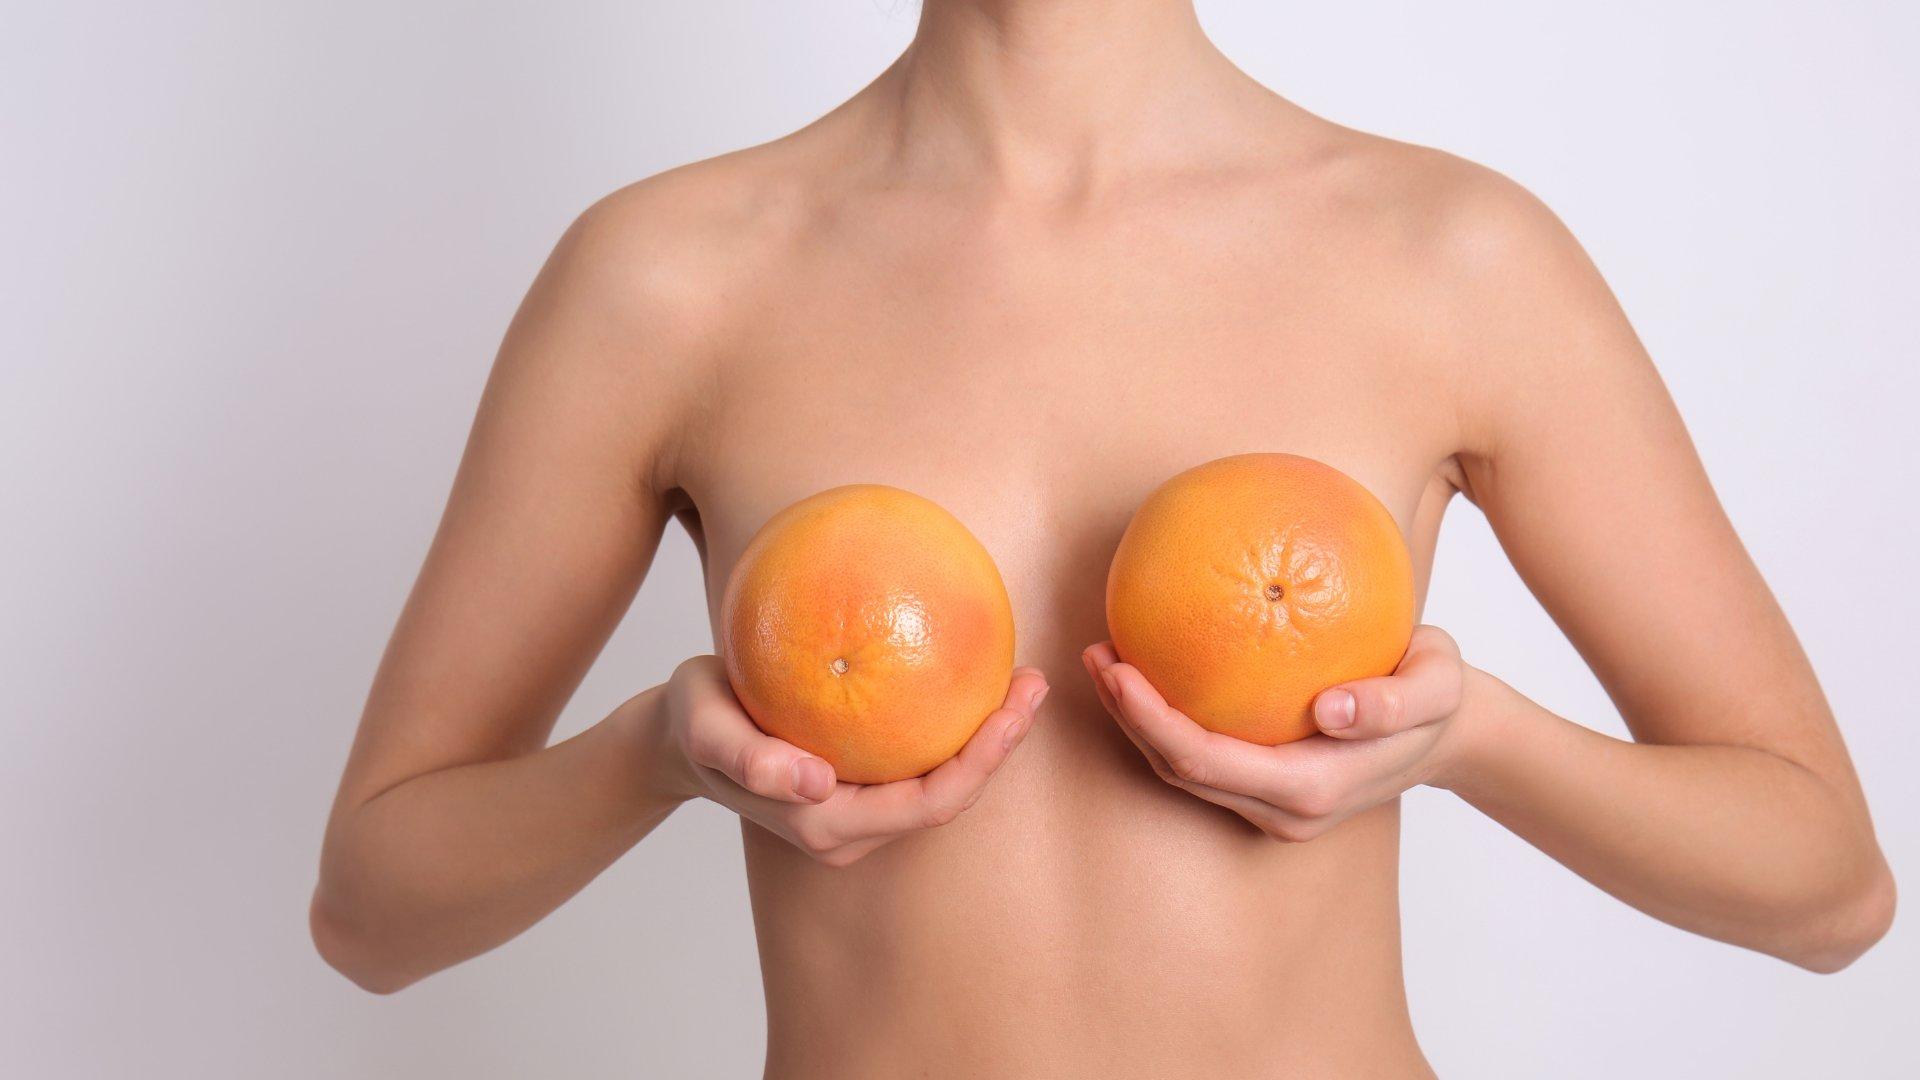 Mulher segurando duas laranjas em frente aos seios